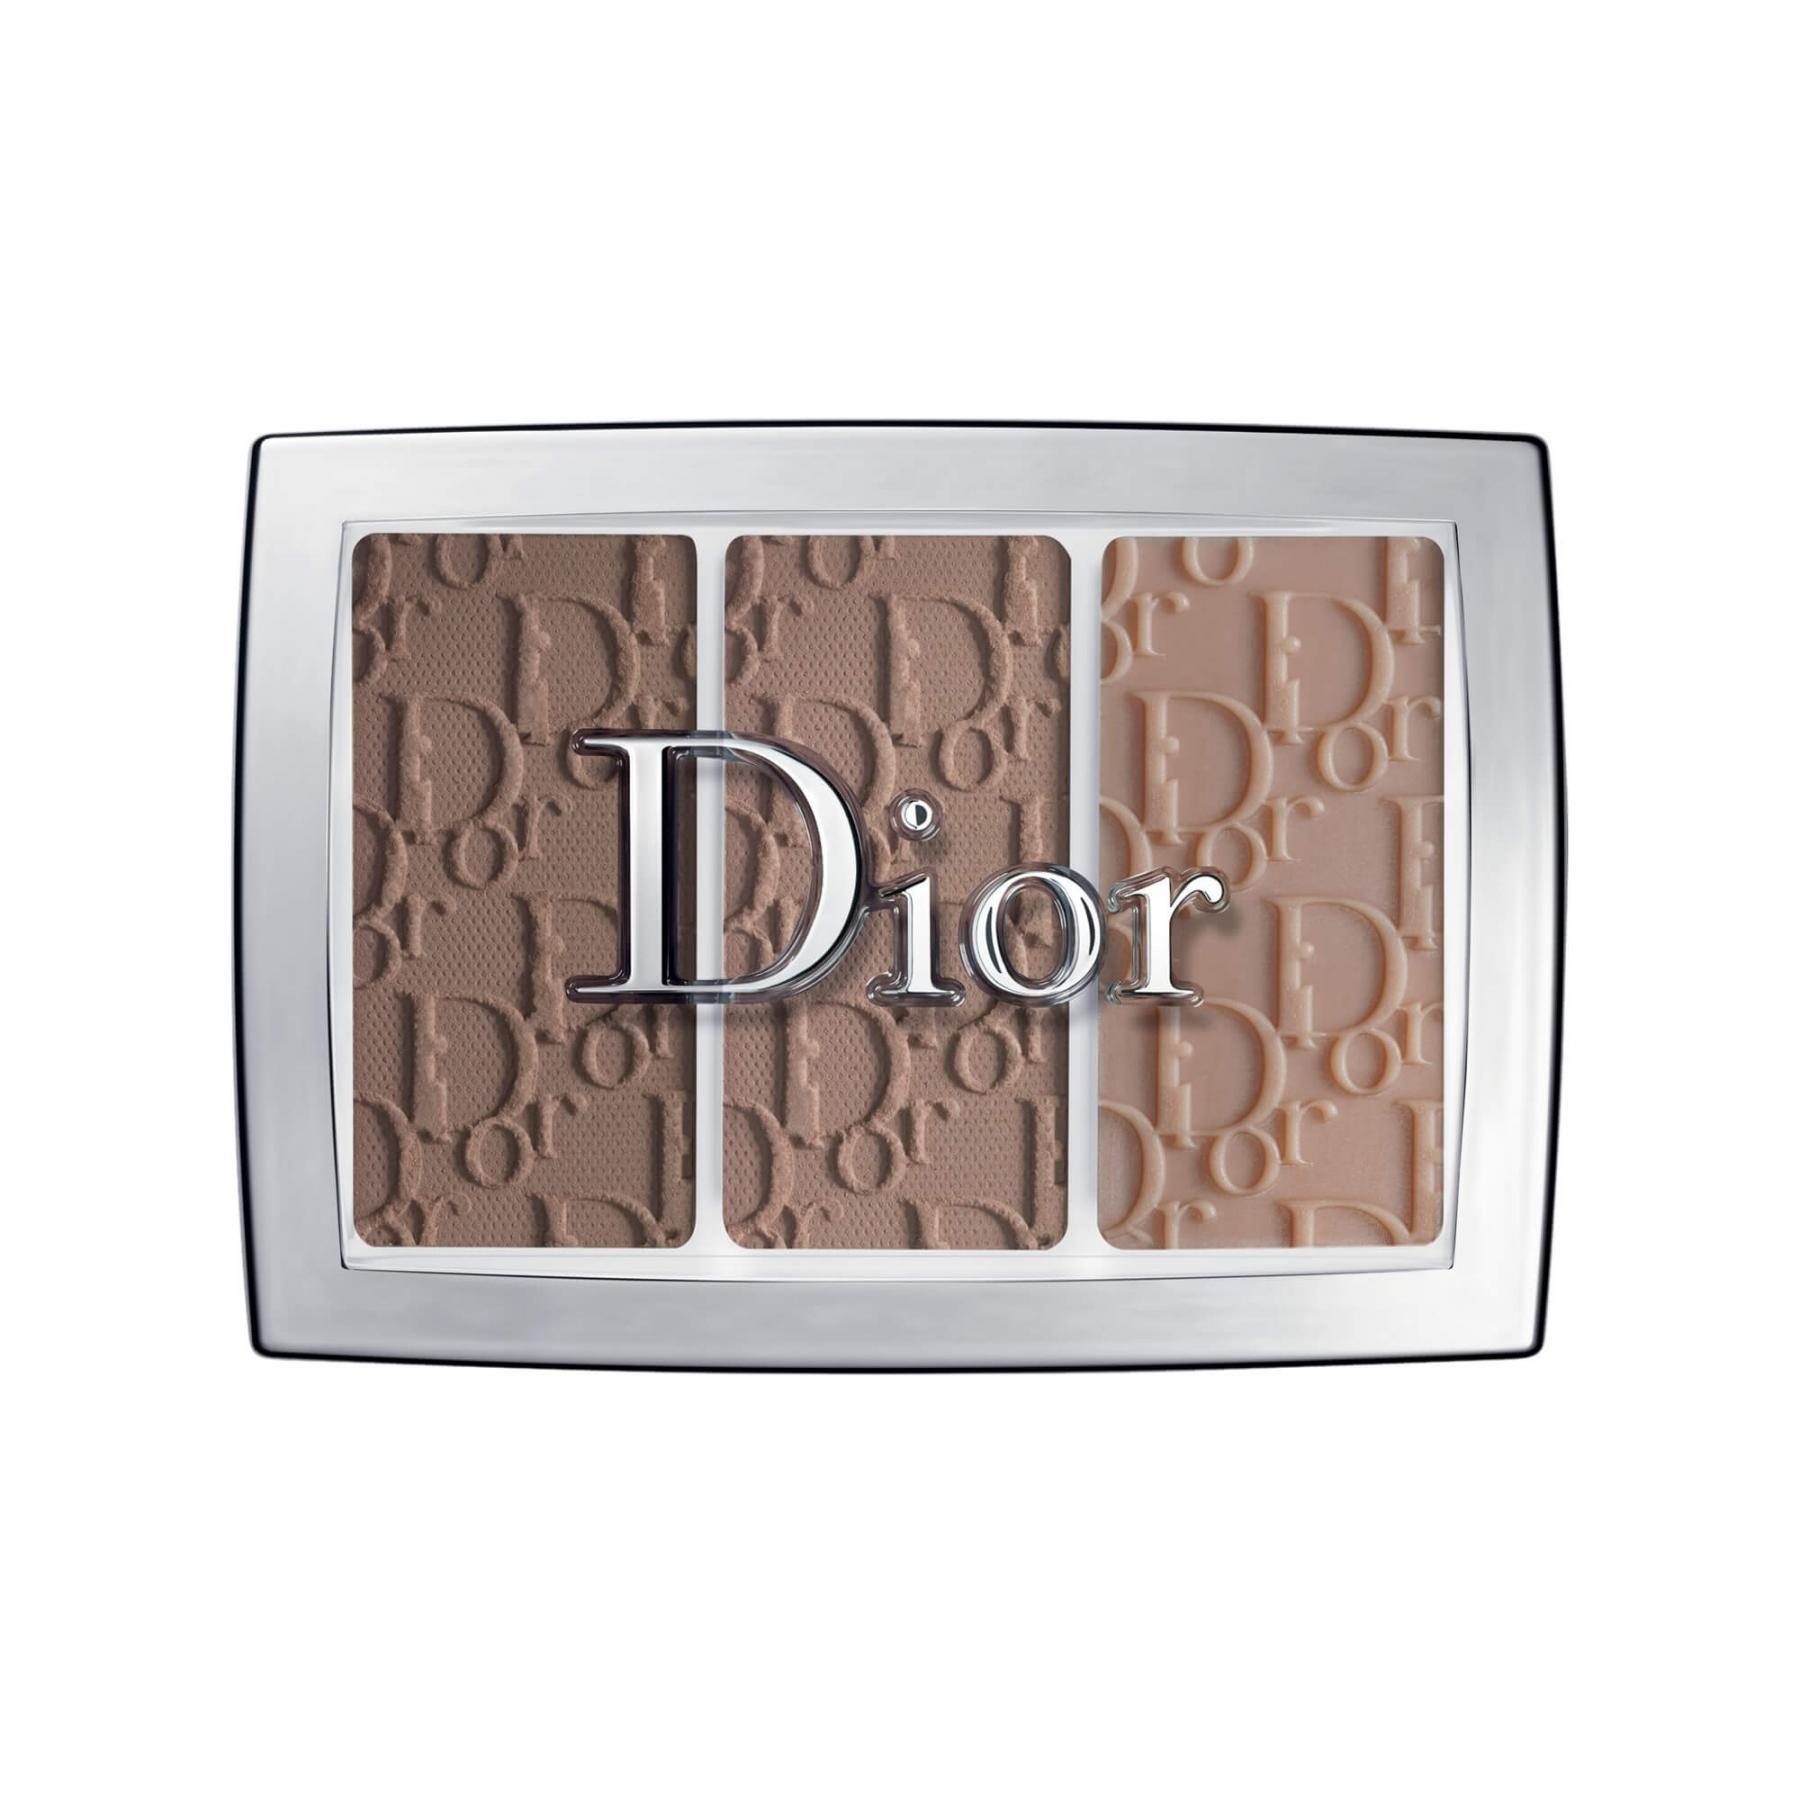 Paleta Dior, R$185 (Foto: Reprodução)